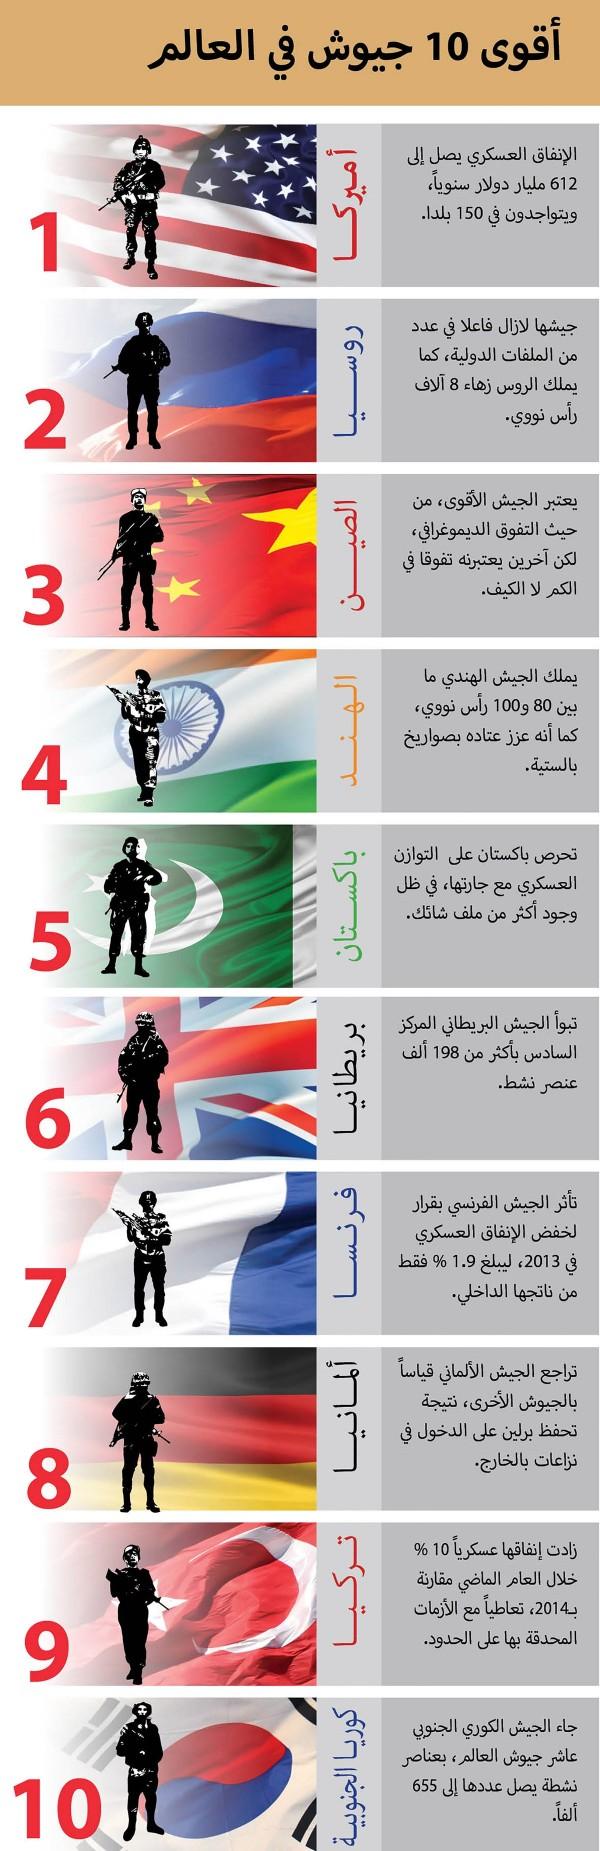 صورة ترتيب الجيوش عالميا , اقوي الجيوش في الترتيب عالميا